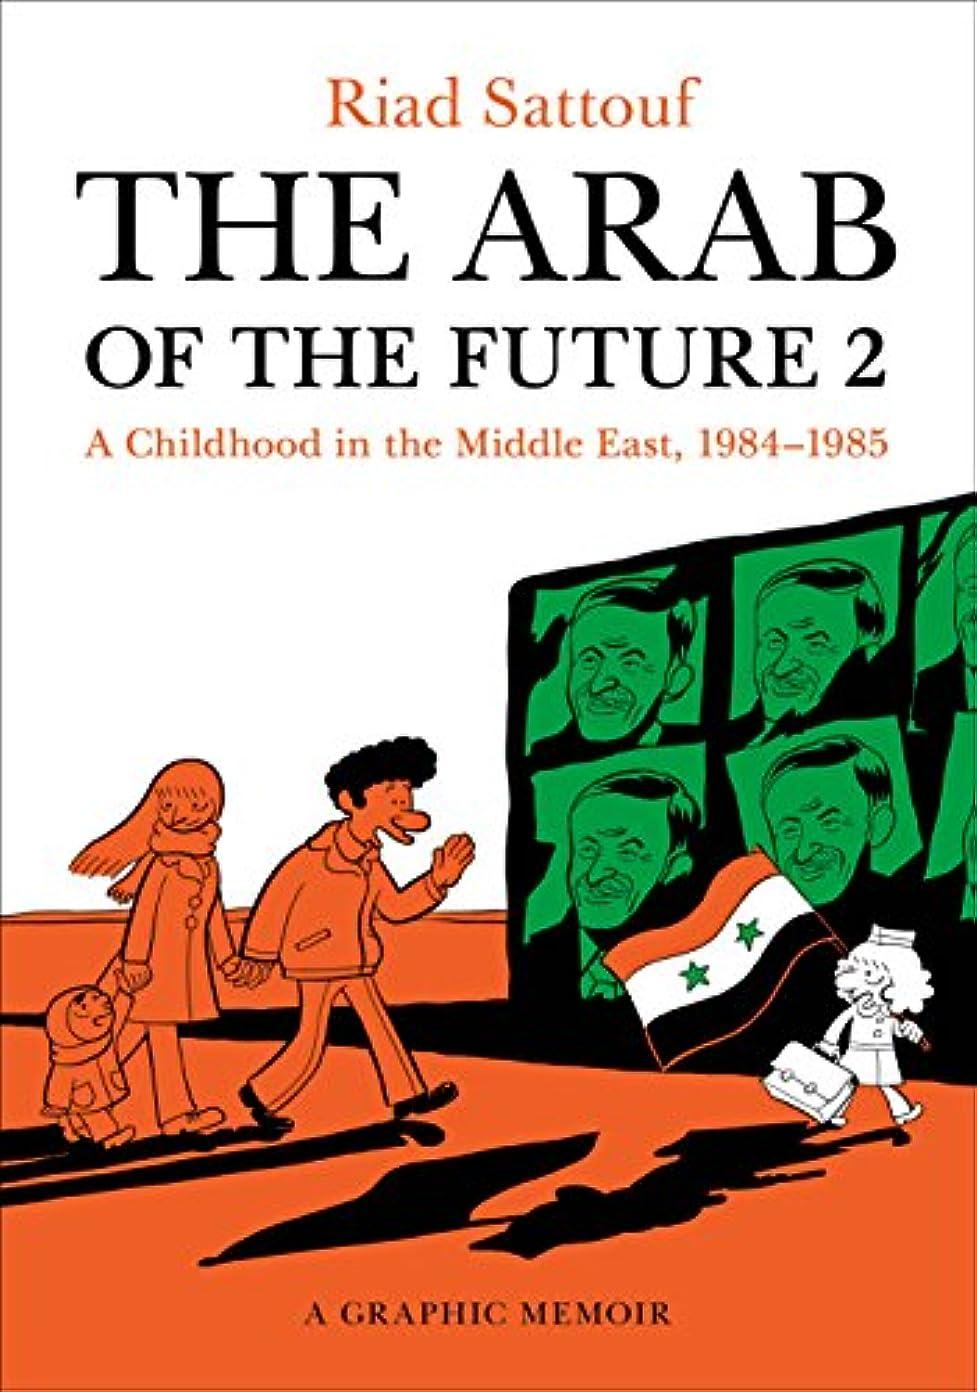 監督する効能あるトーンThe Arab of the Future 2: A Childhood in the Middle East, 1984-1985: A Graphic Memoir (English Edition)